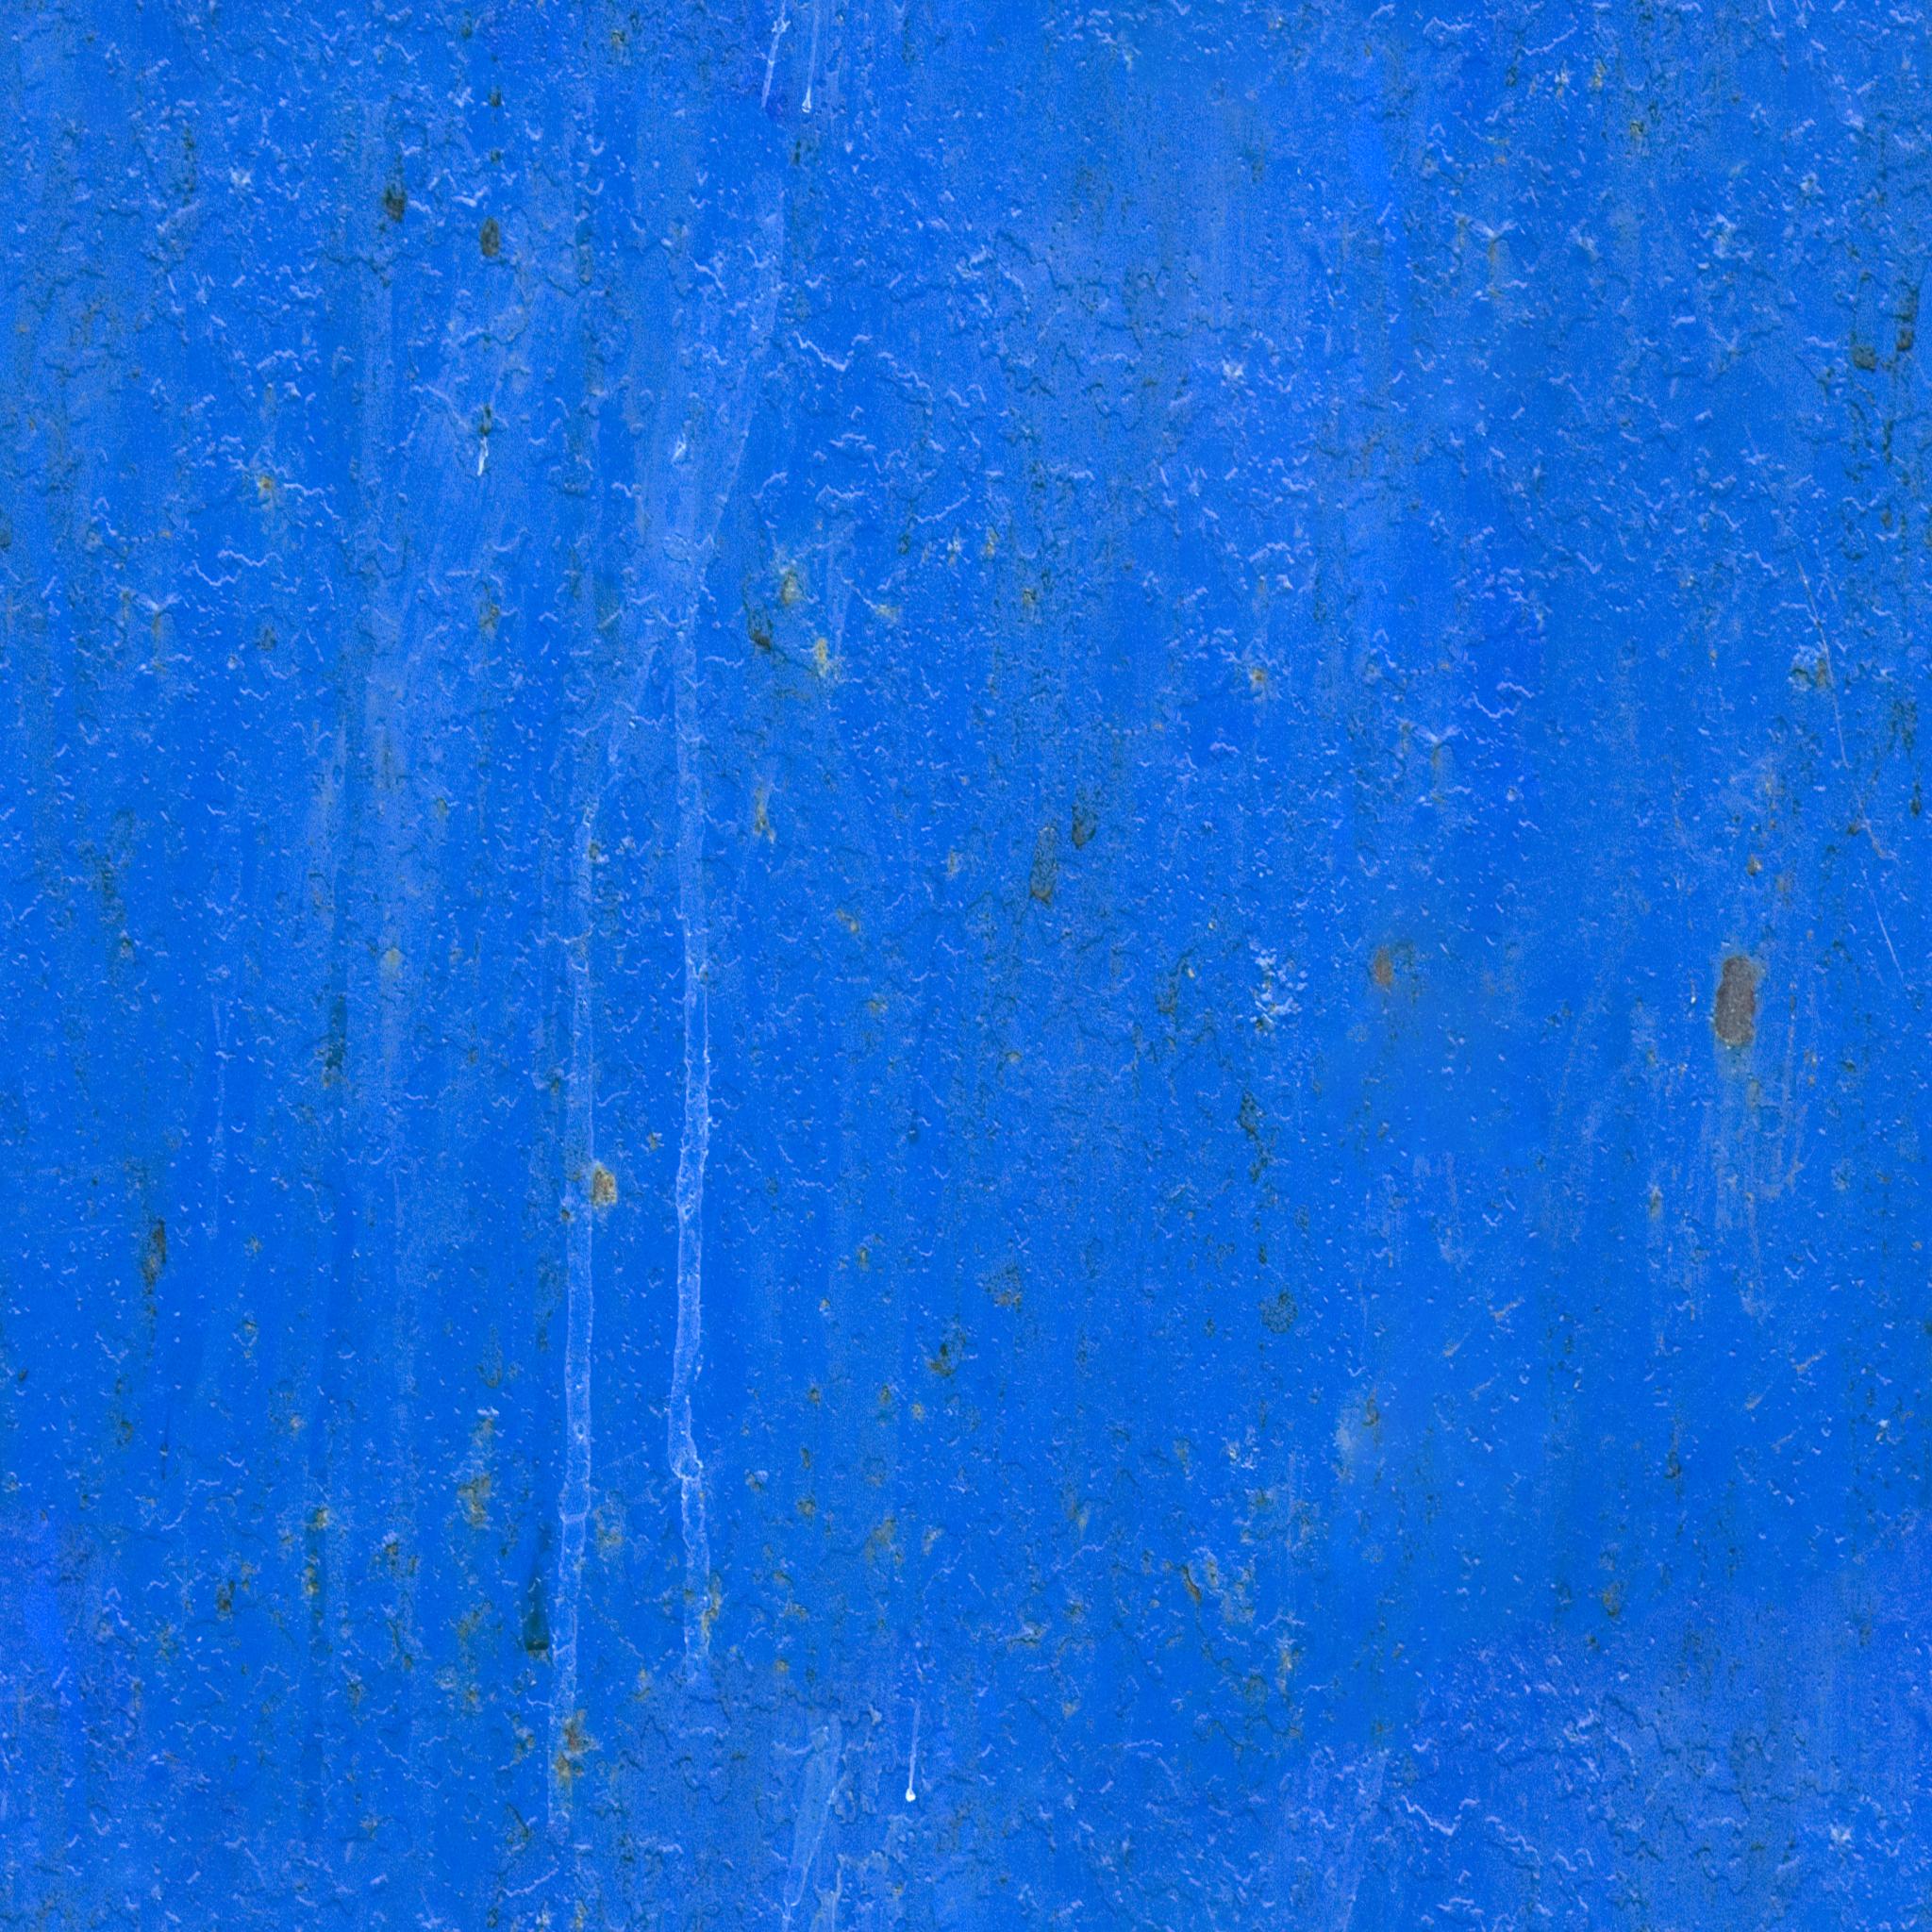 Blue Painted Steel.jpg